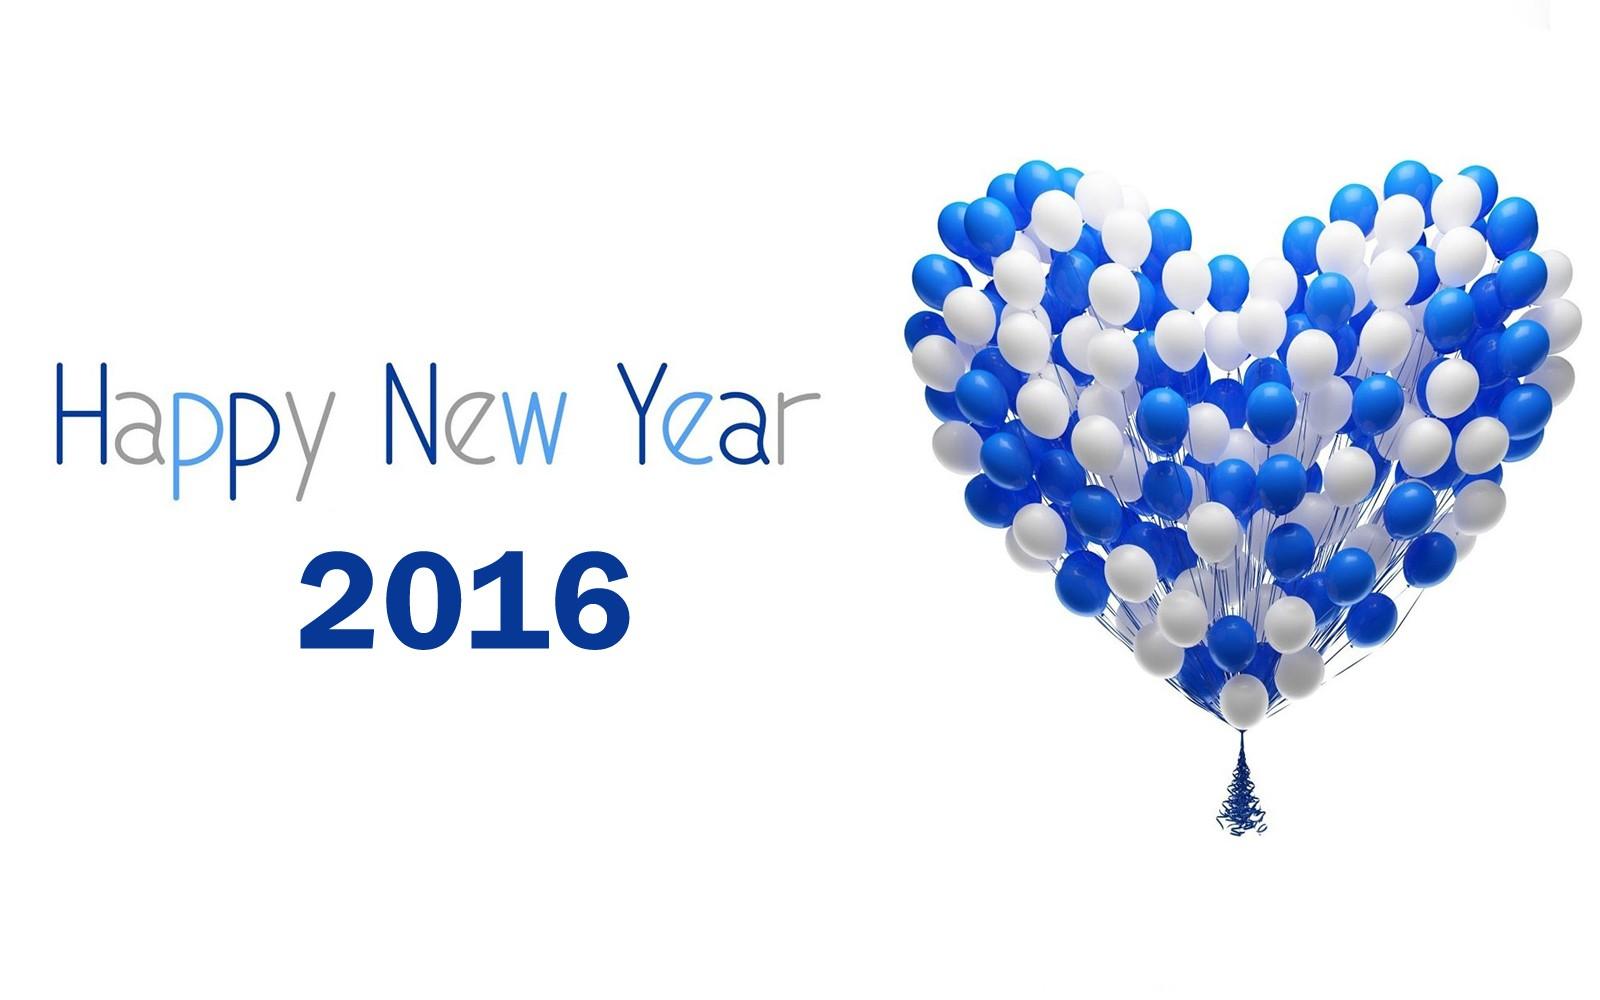 Những hình ảnh chức mừng năm mới đẹp nhất 2016